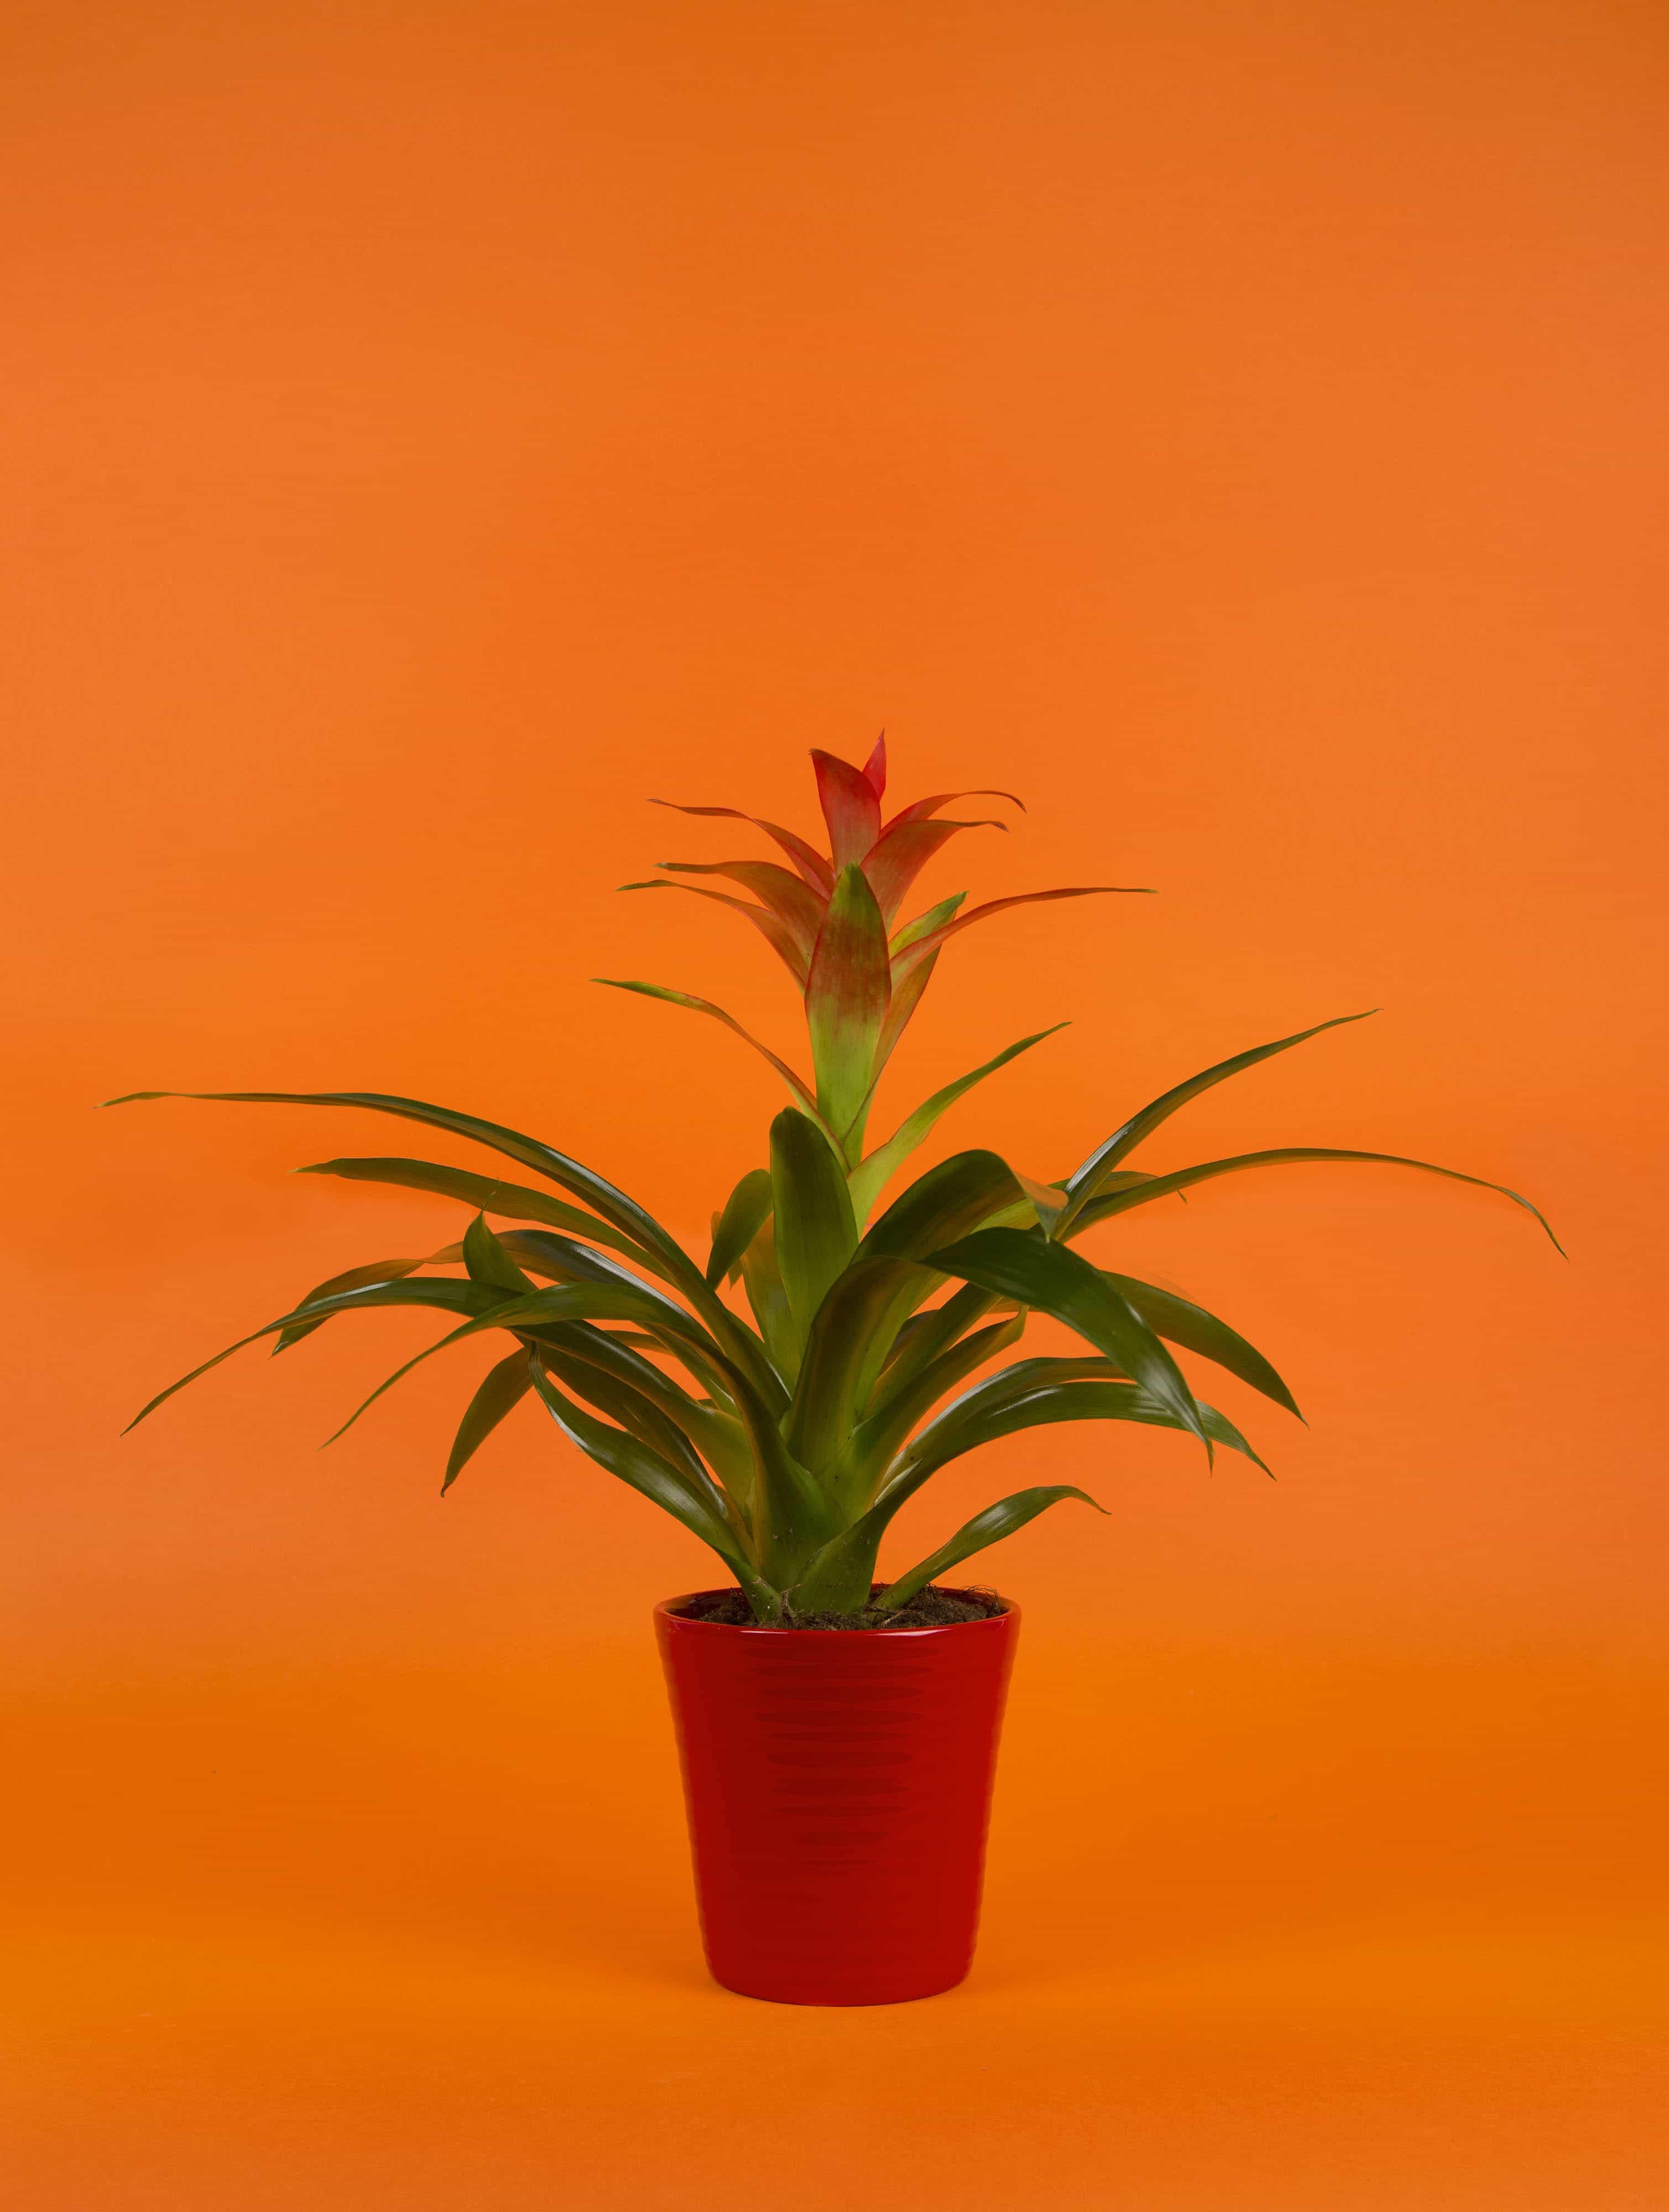 Guzmania - Plante facile d'entretien